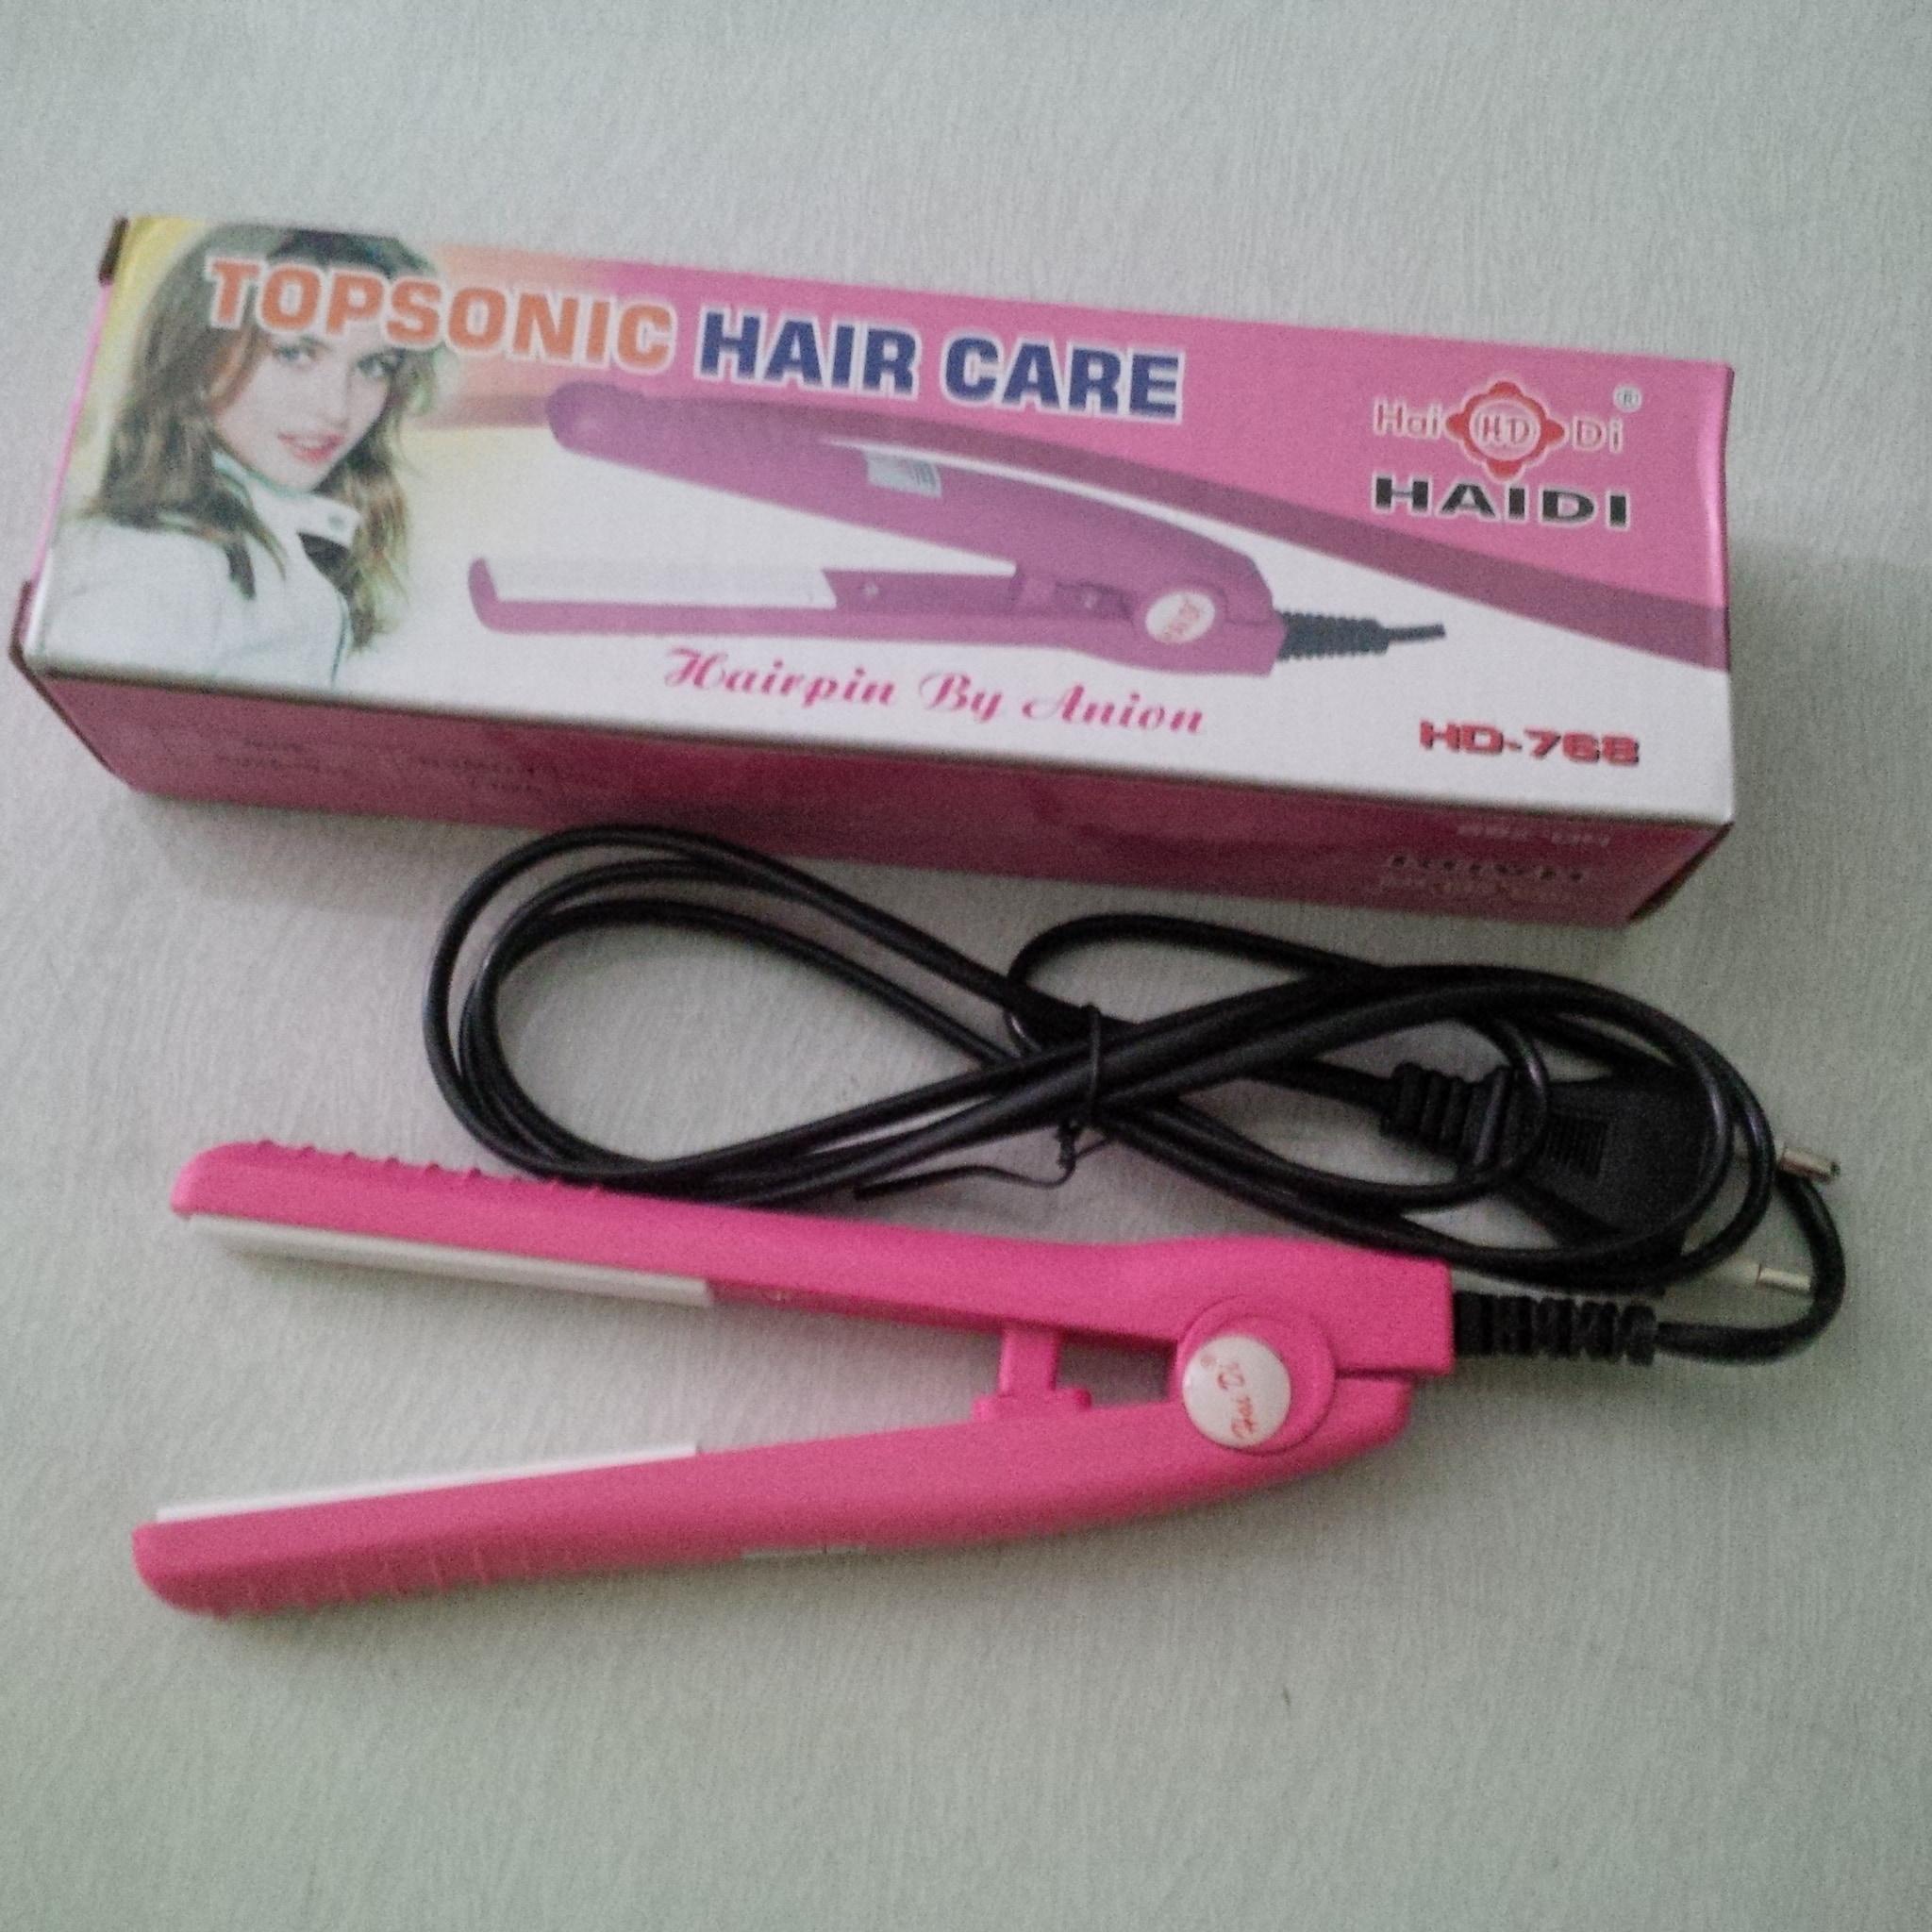 Panda Catok Rambut Mini Top Sonic Hair Care Pink Spec Dan Daftar Haidi Catokan Pelurus Jual Grosir Beauty Medan Tokopedia